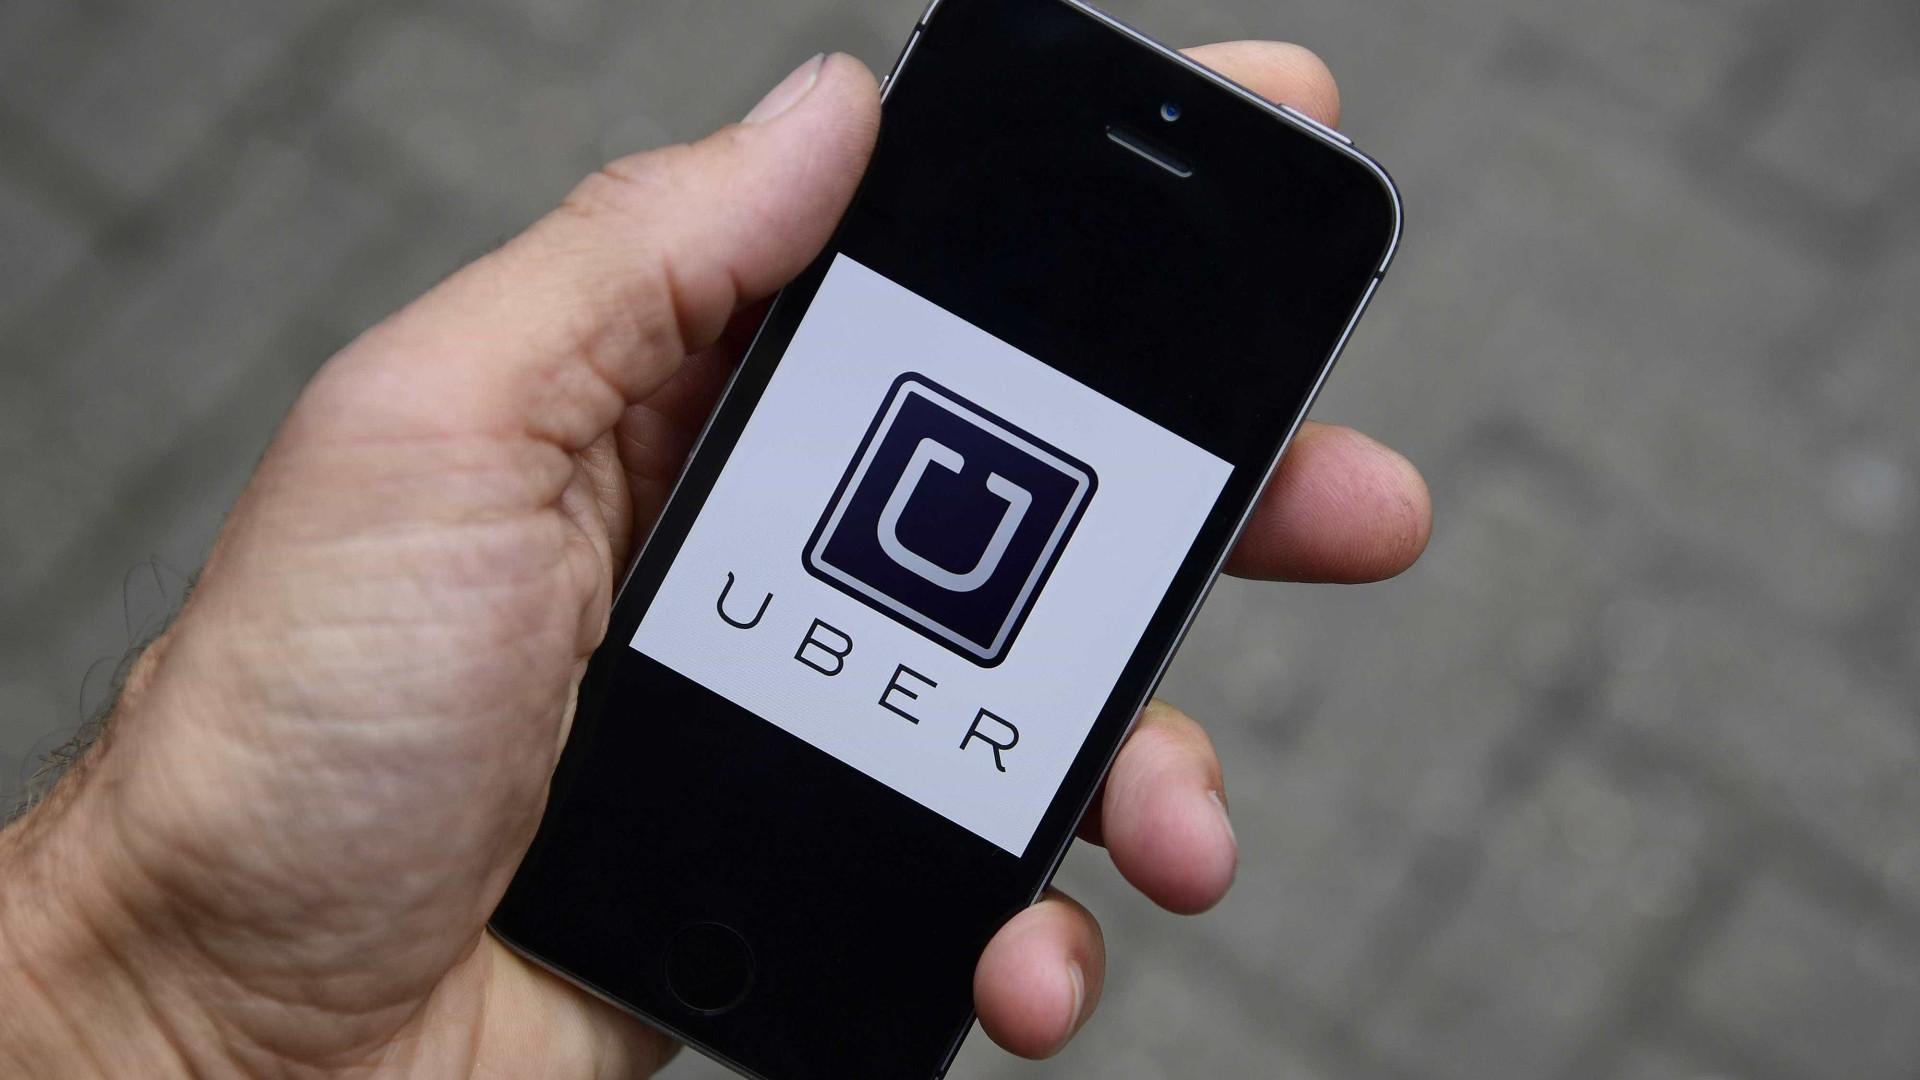 Segurança de aplicativos depende da fiscalização dos usuários, diz Uber